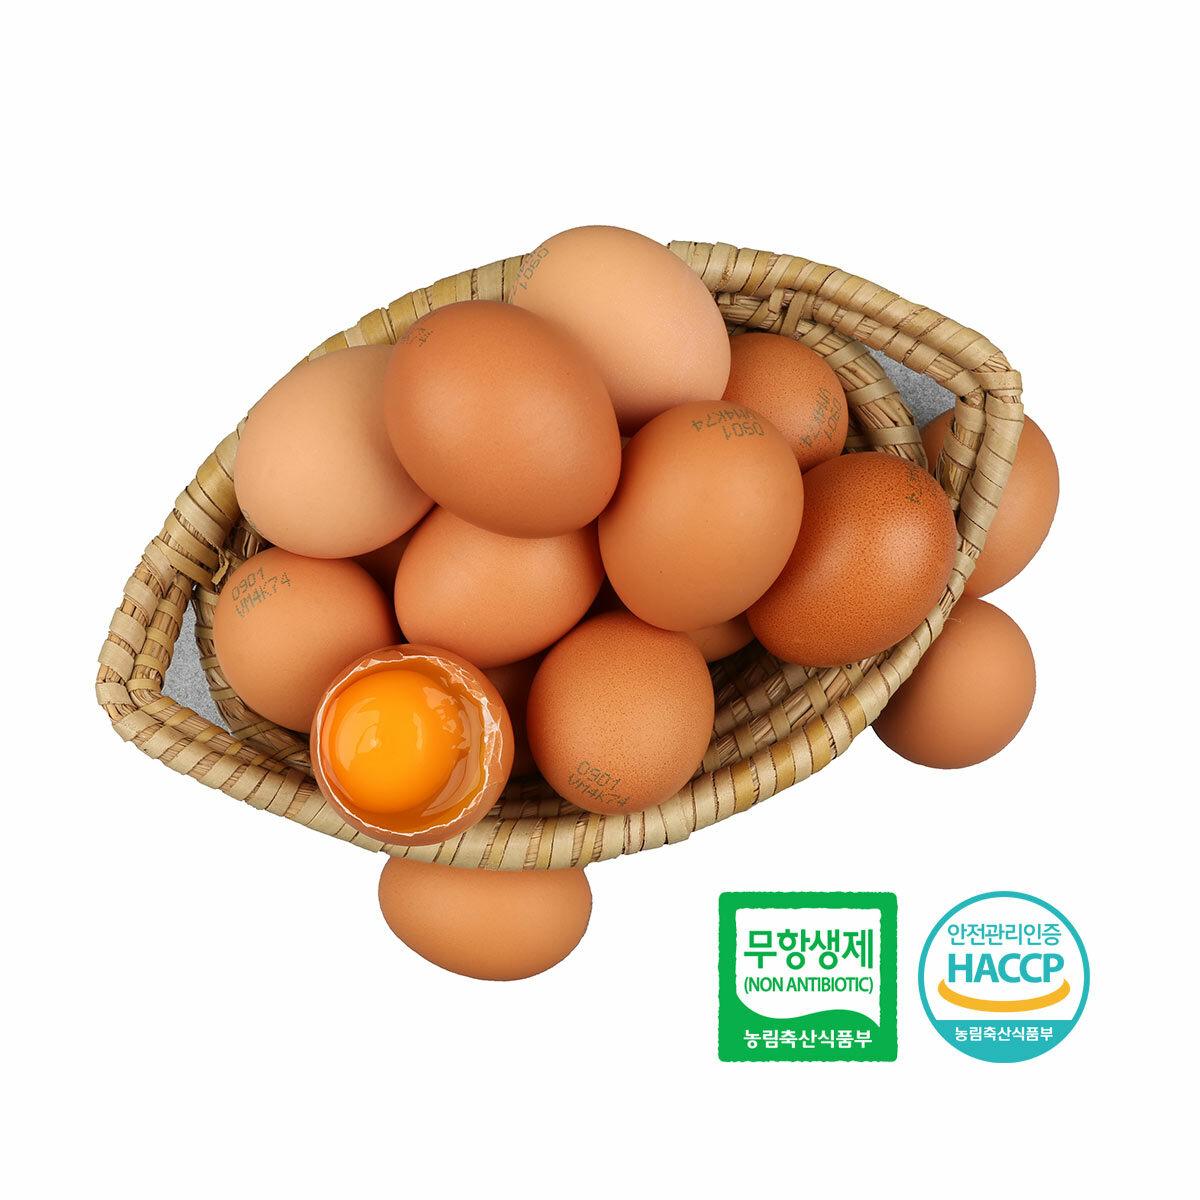 [알부자집] 친환경 무항생제 계란 대란 60구(30구X2판), 60구, 상세설명참조